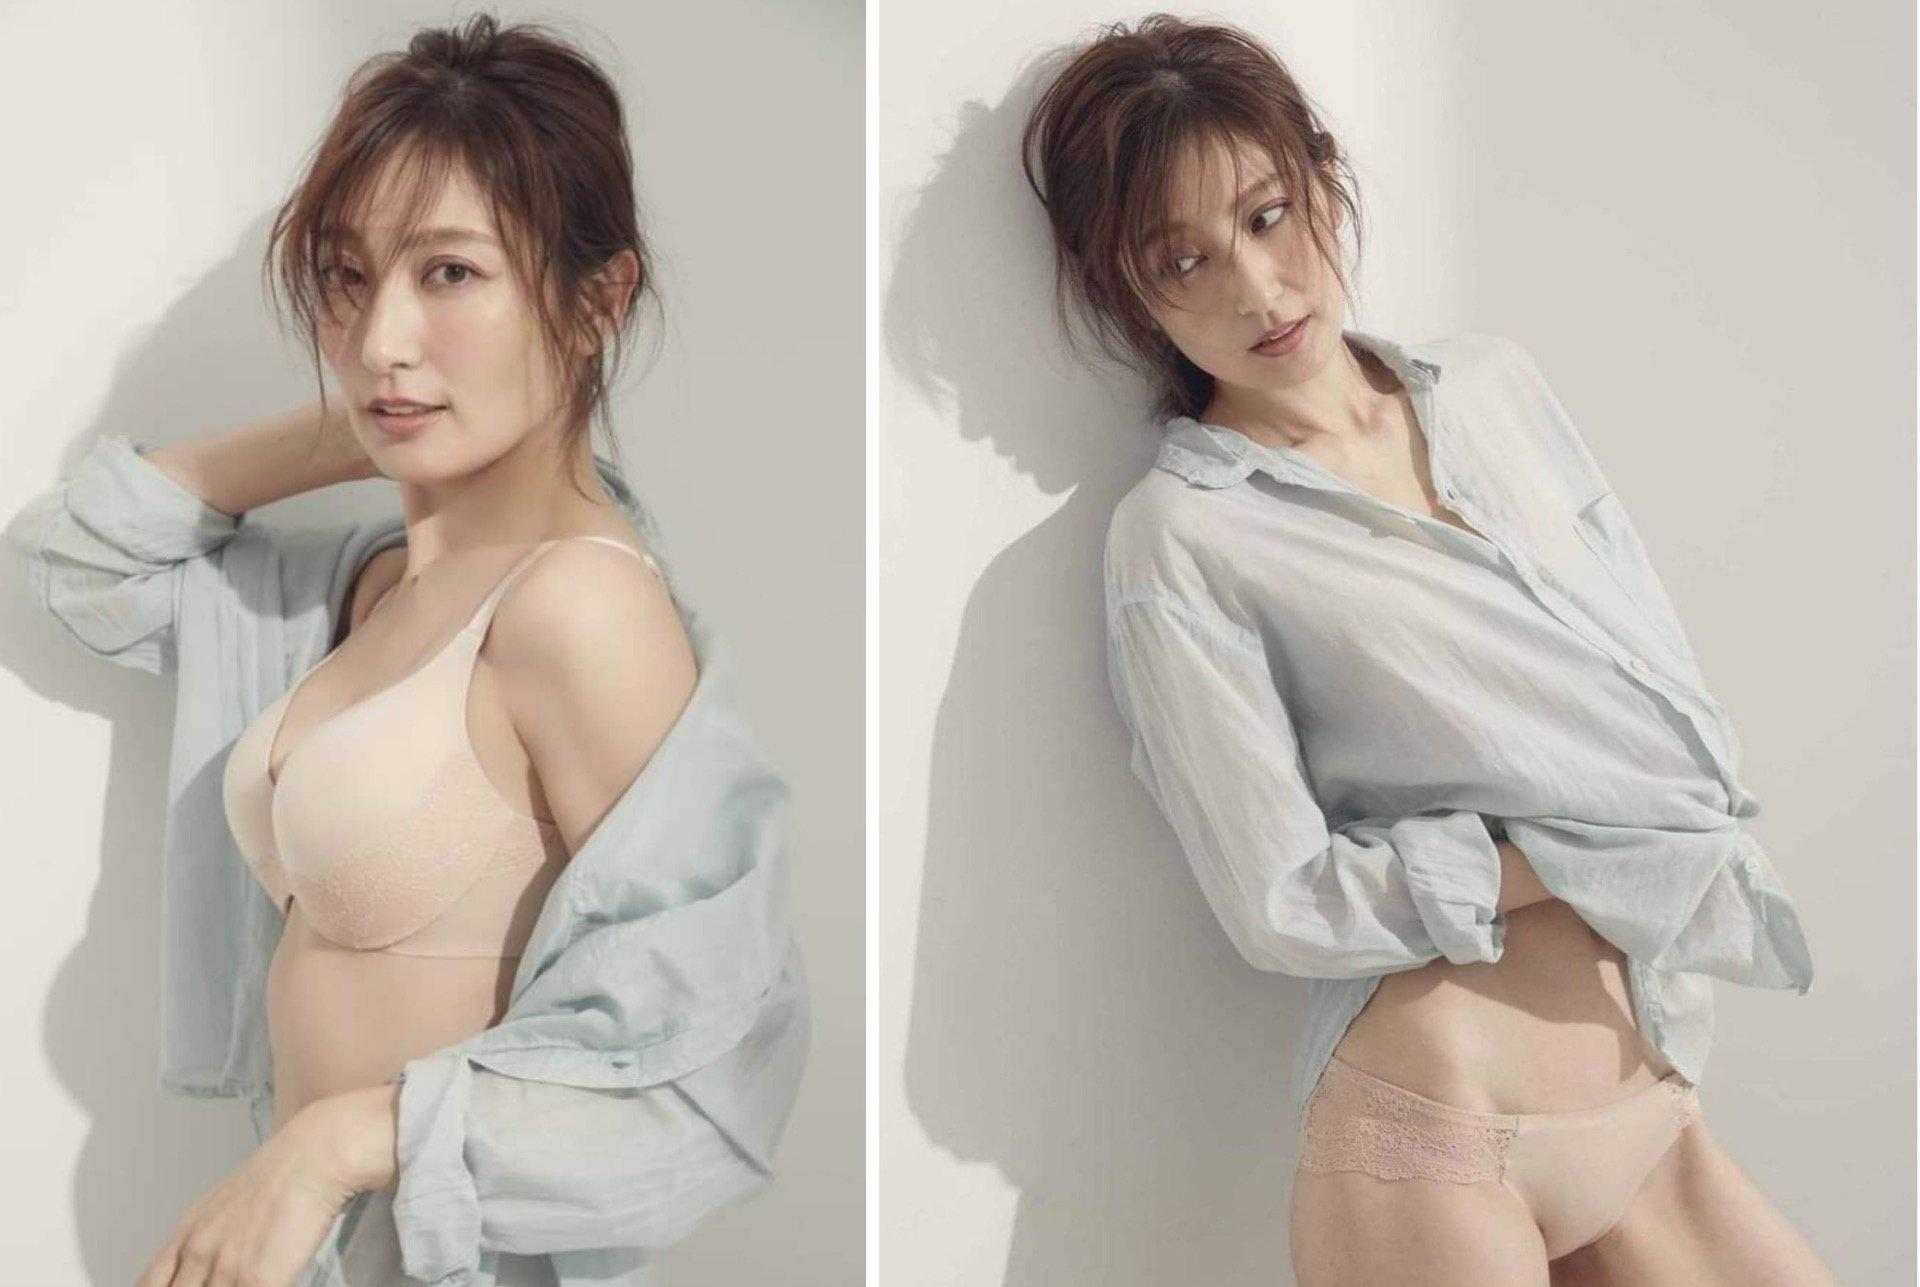 'Nữ thần áo tắm' Nhật Bản khiến bao người mê đắm bị chồng bạo hành Ảnh 6